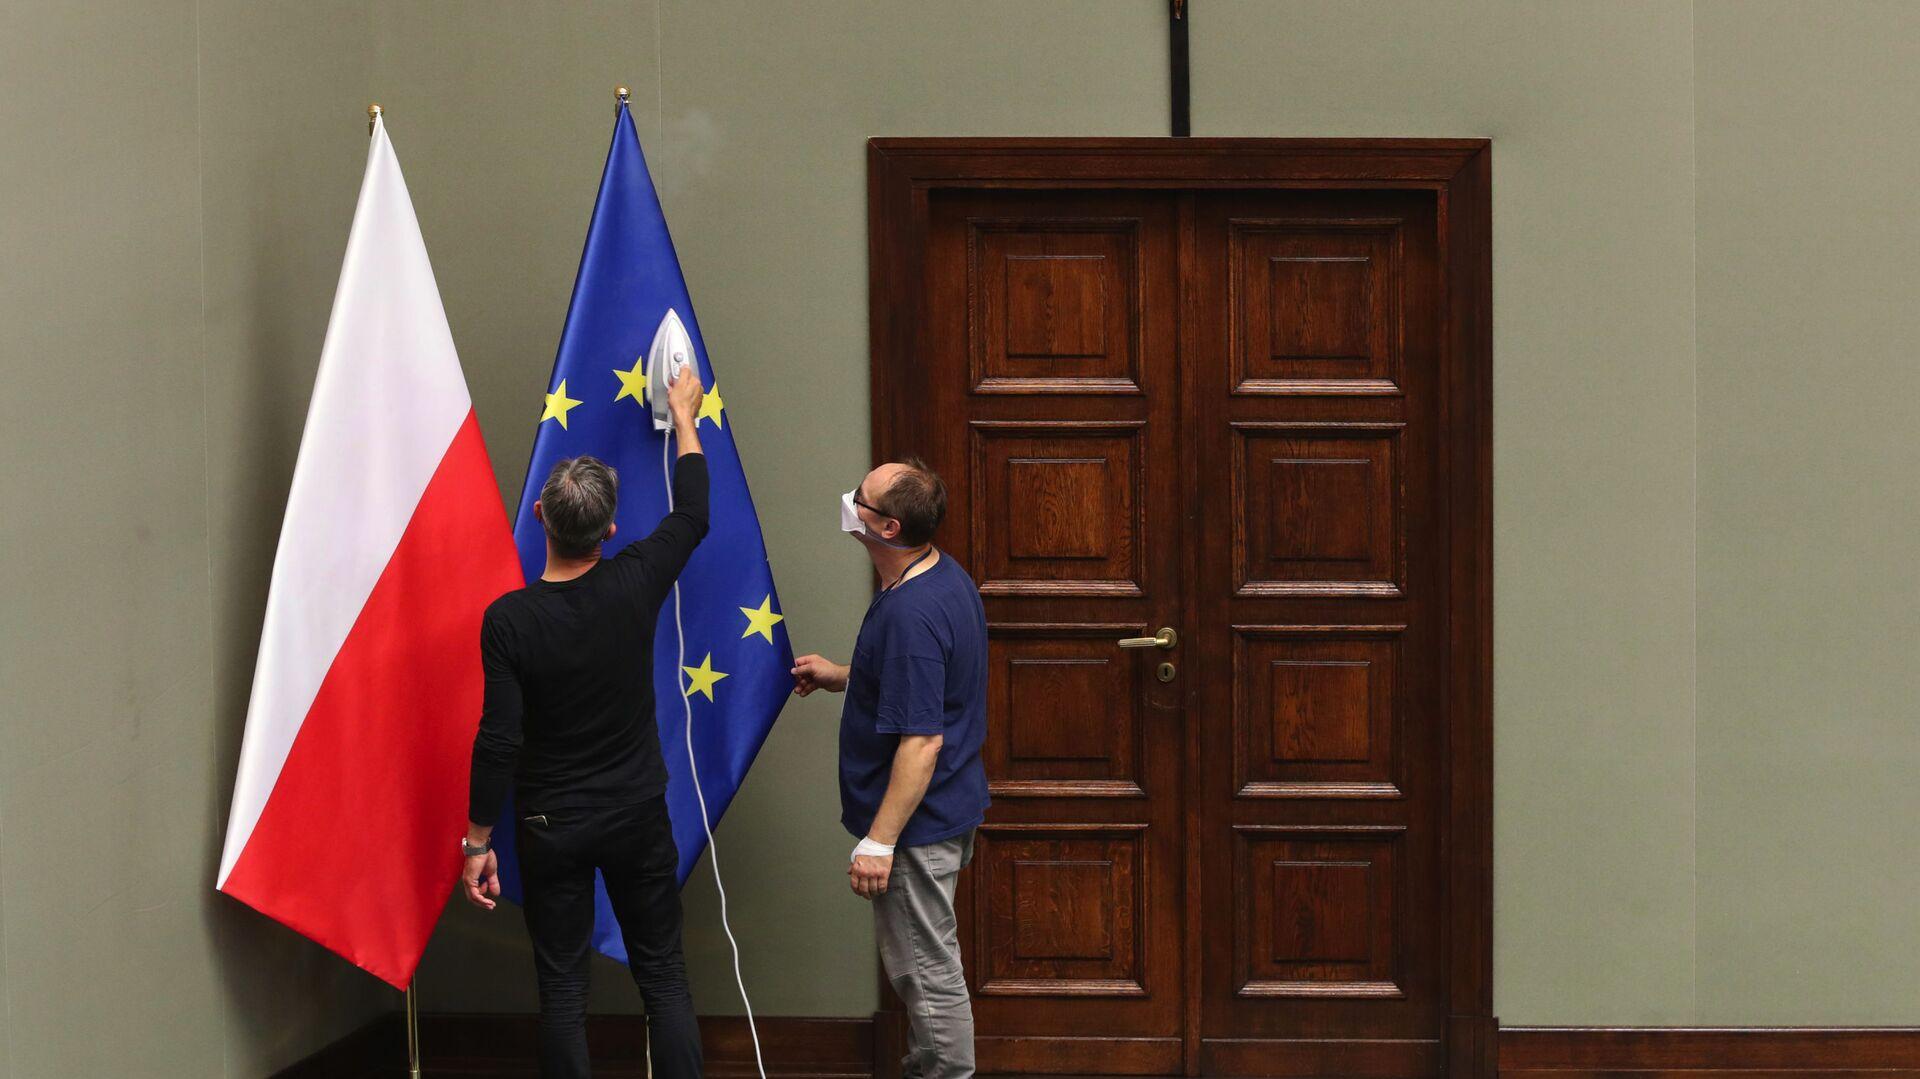 Flagi Polski i UE. - Sputnik Polska, 1920, 28.04.2021